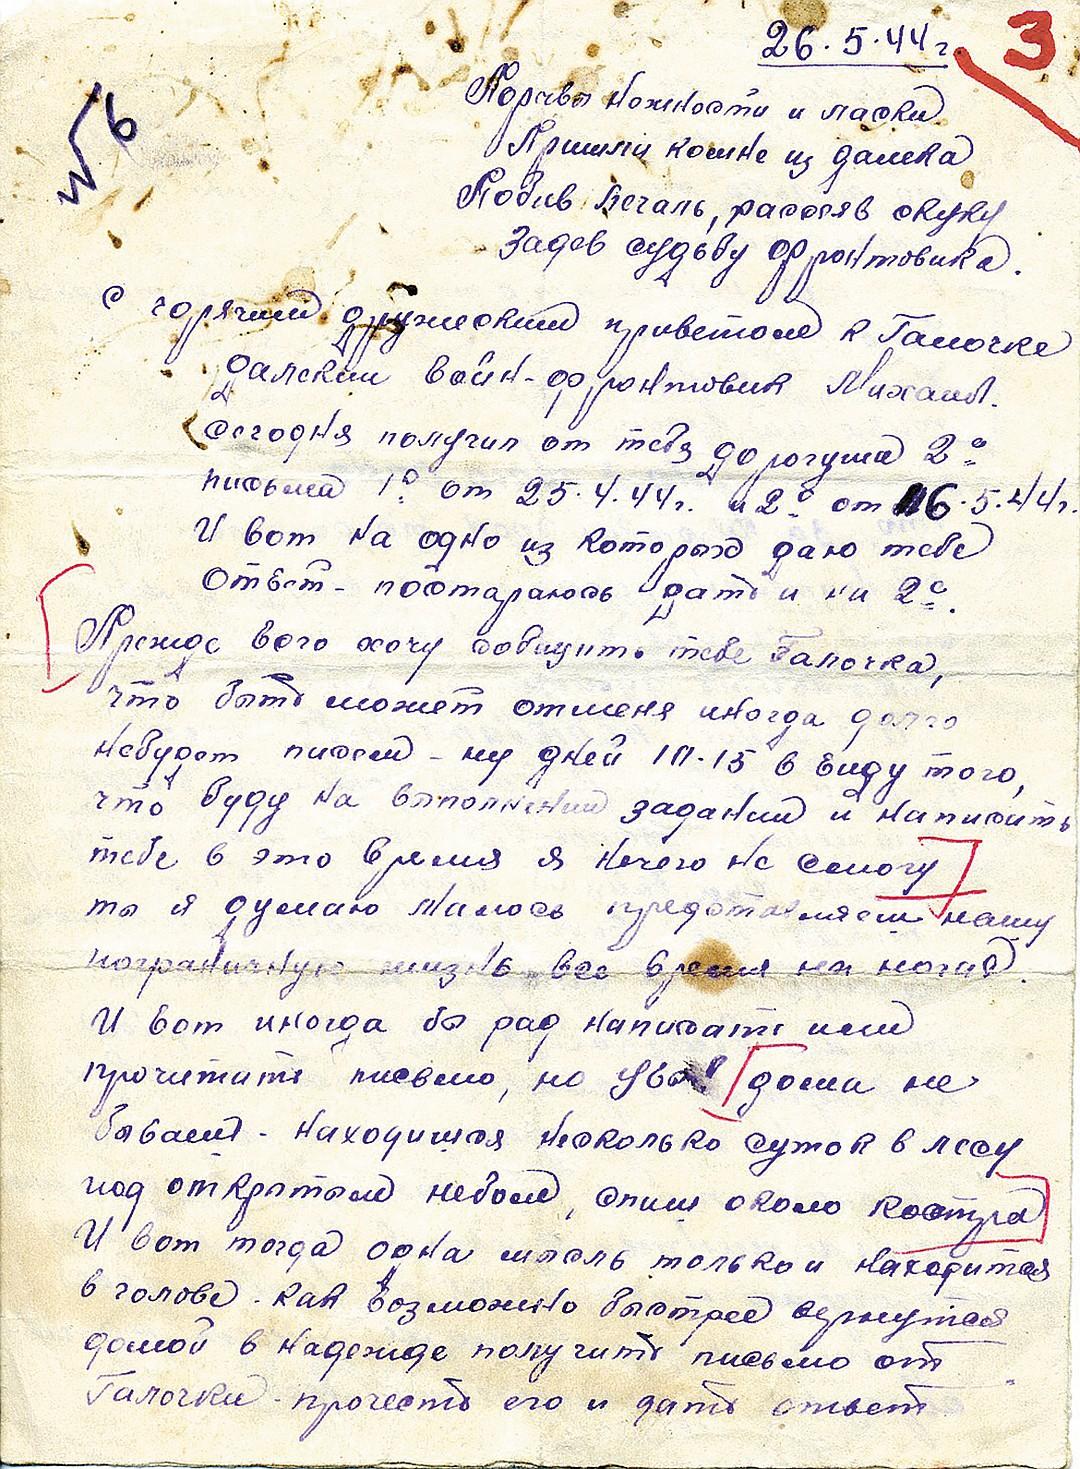 wx1080-4 Ялалтын баярт: Фронтод дайтаж яваа танихгүй цэрэг эрд захидал илгээсээр гэрлэжээ